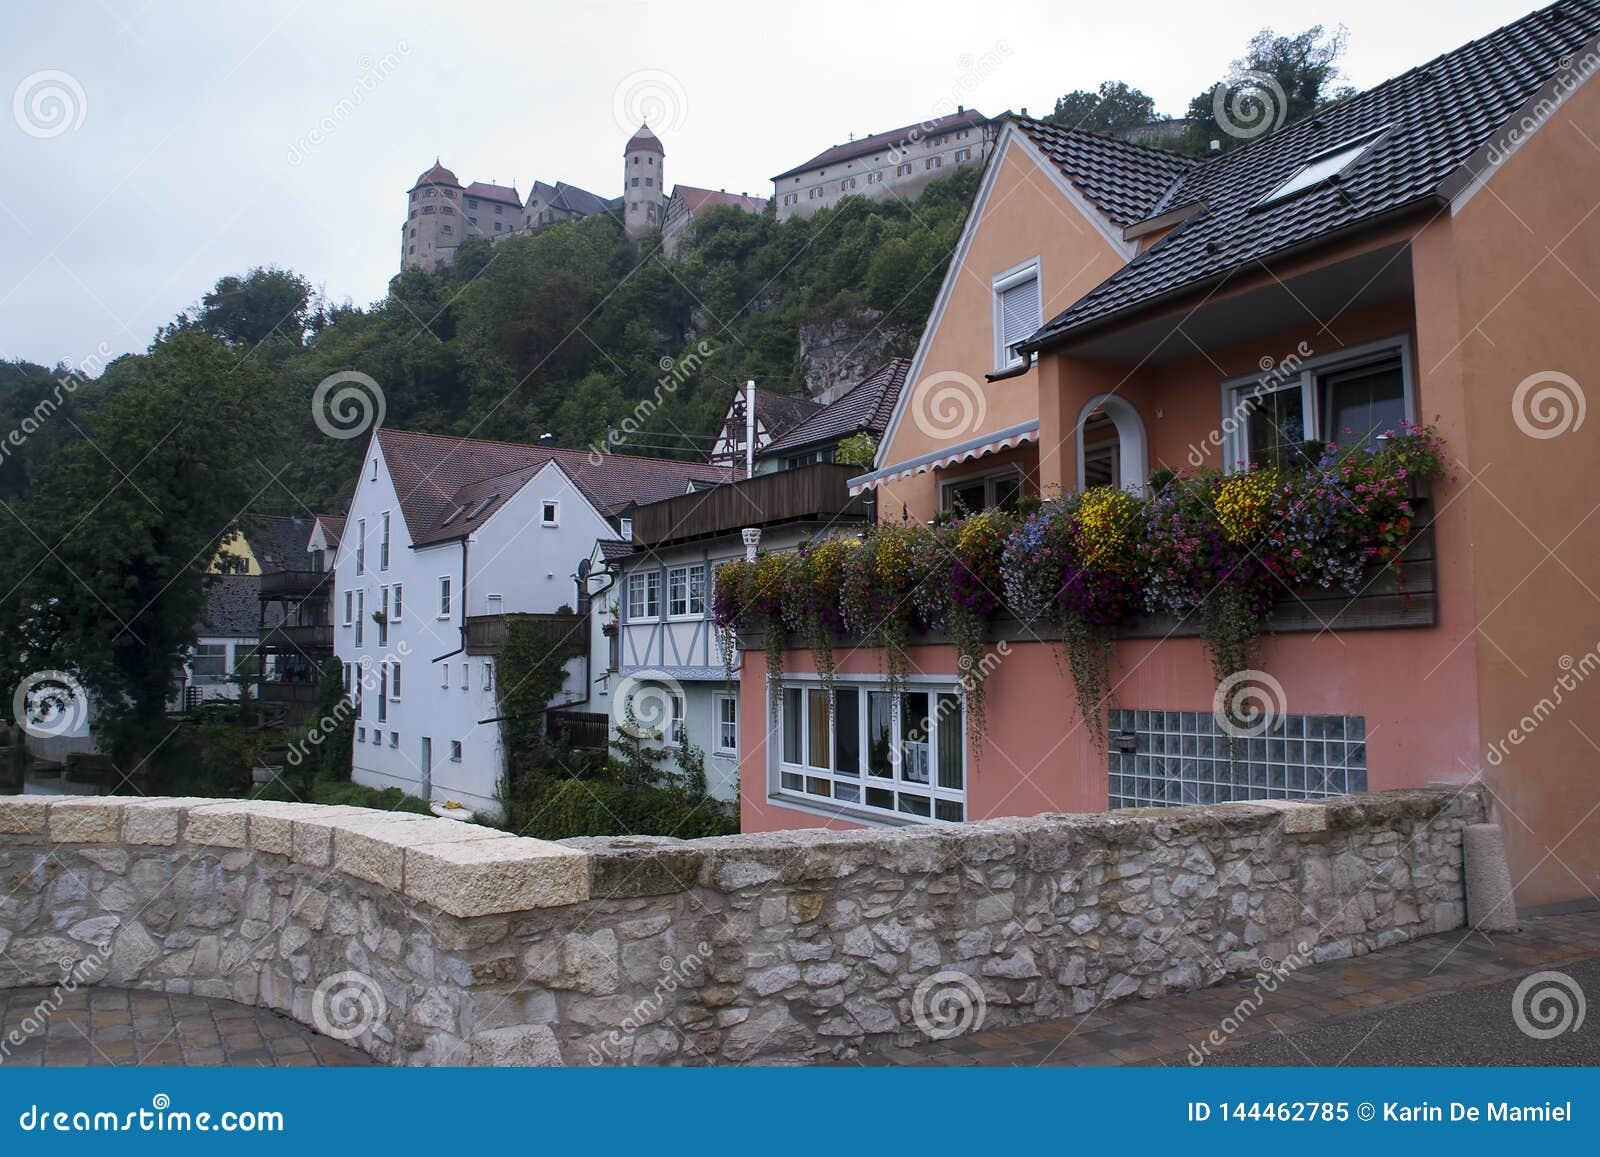 Σπίτια κατά μήκος του ποταμού με το κάστρο στο υπόβαθρο